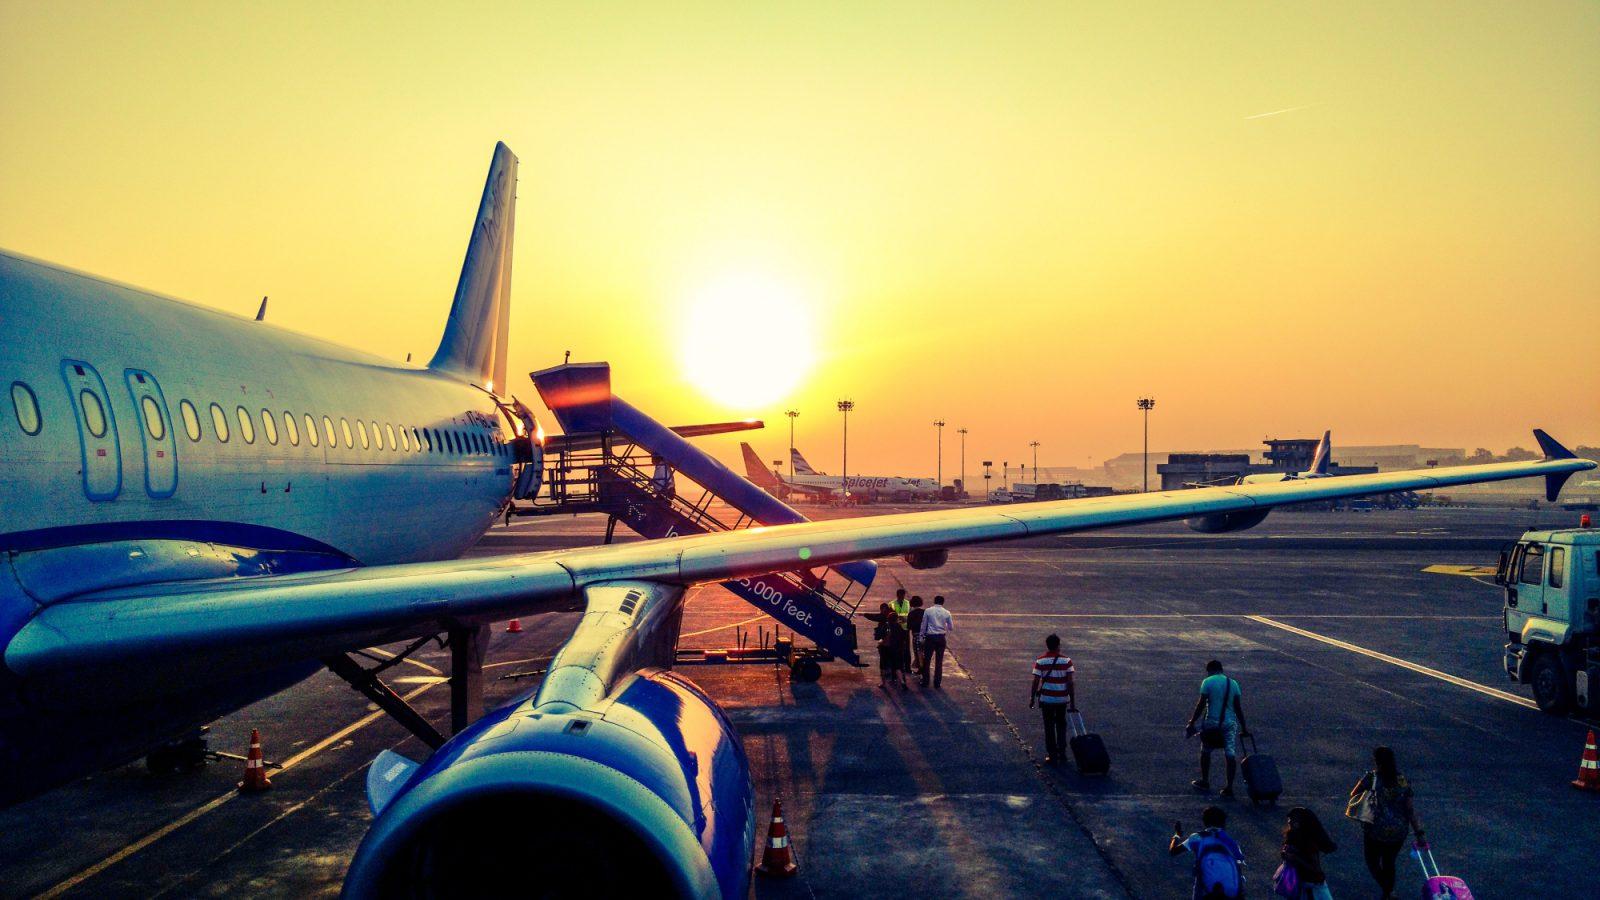 Vacanze - Volo aereo - Aereo Imc